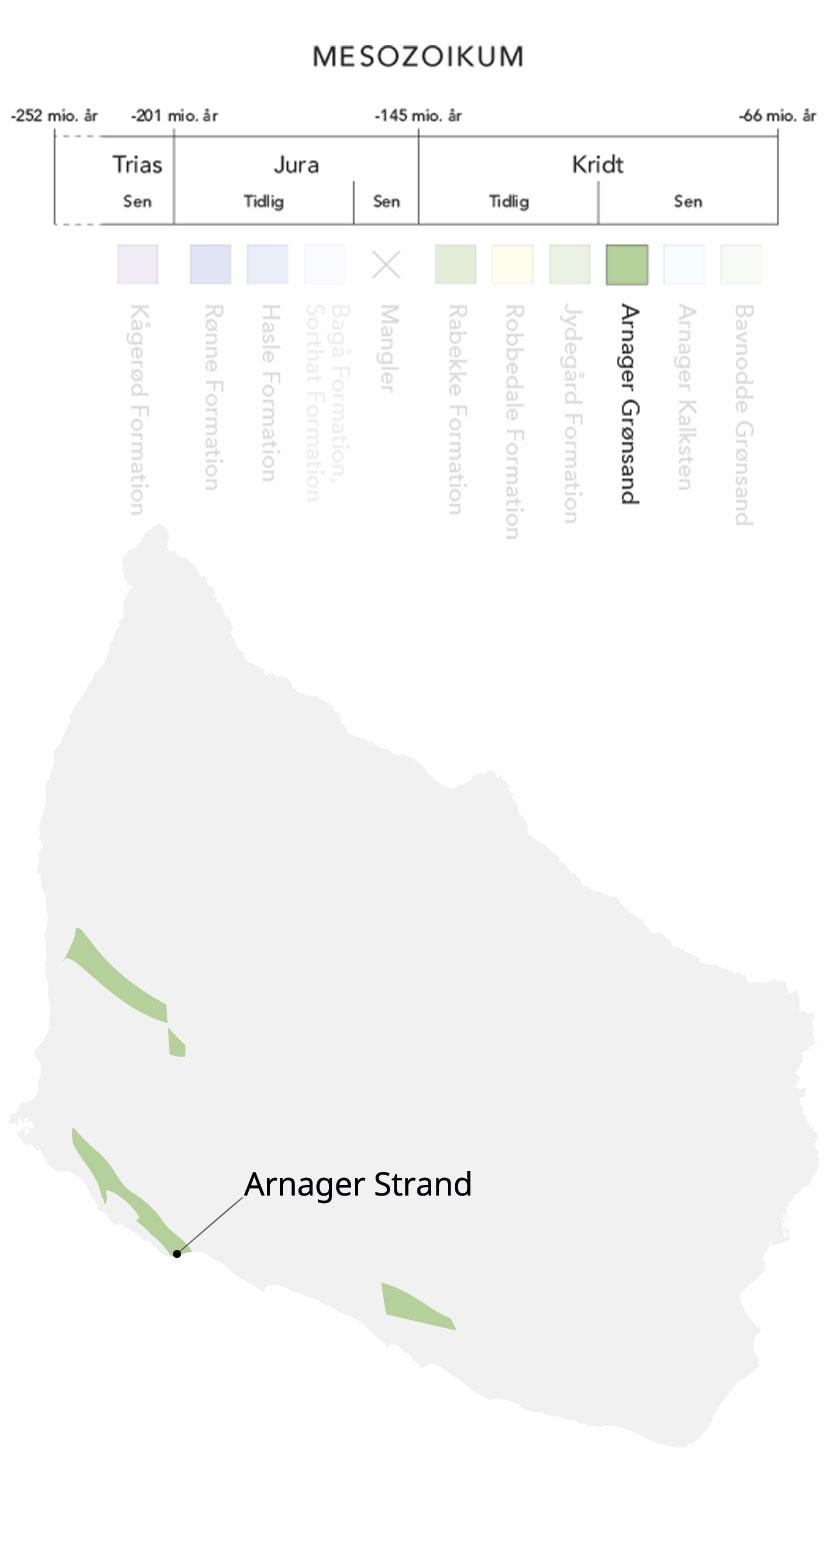 Kort over Bornholm og Arnager grønsand